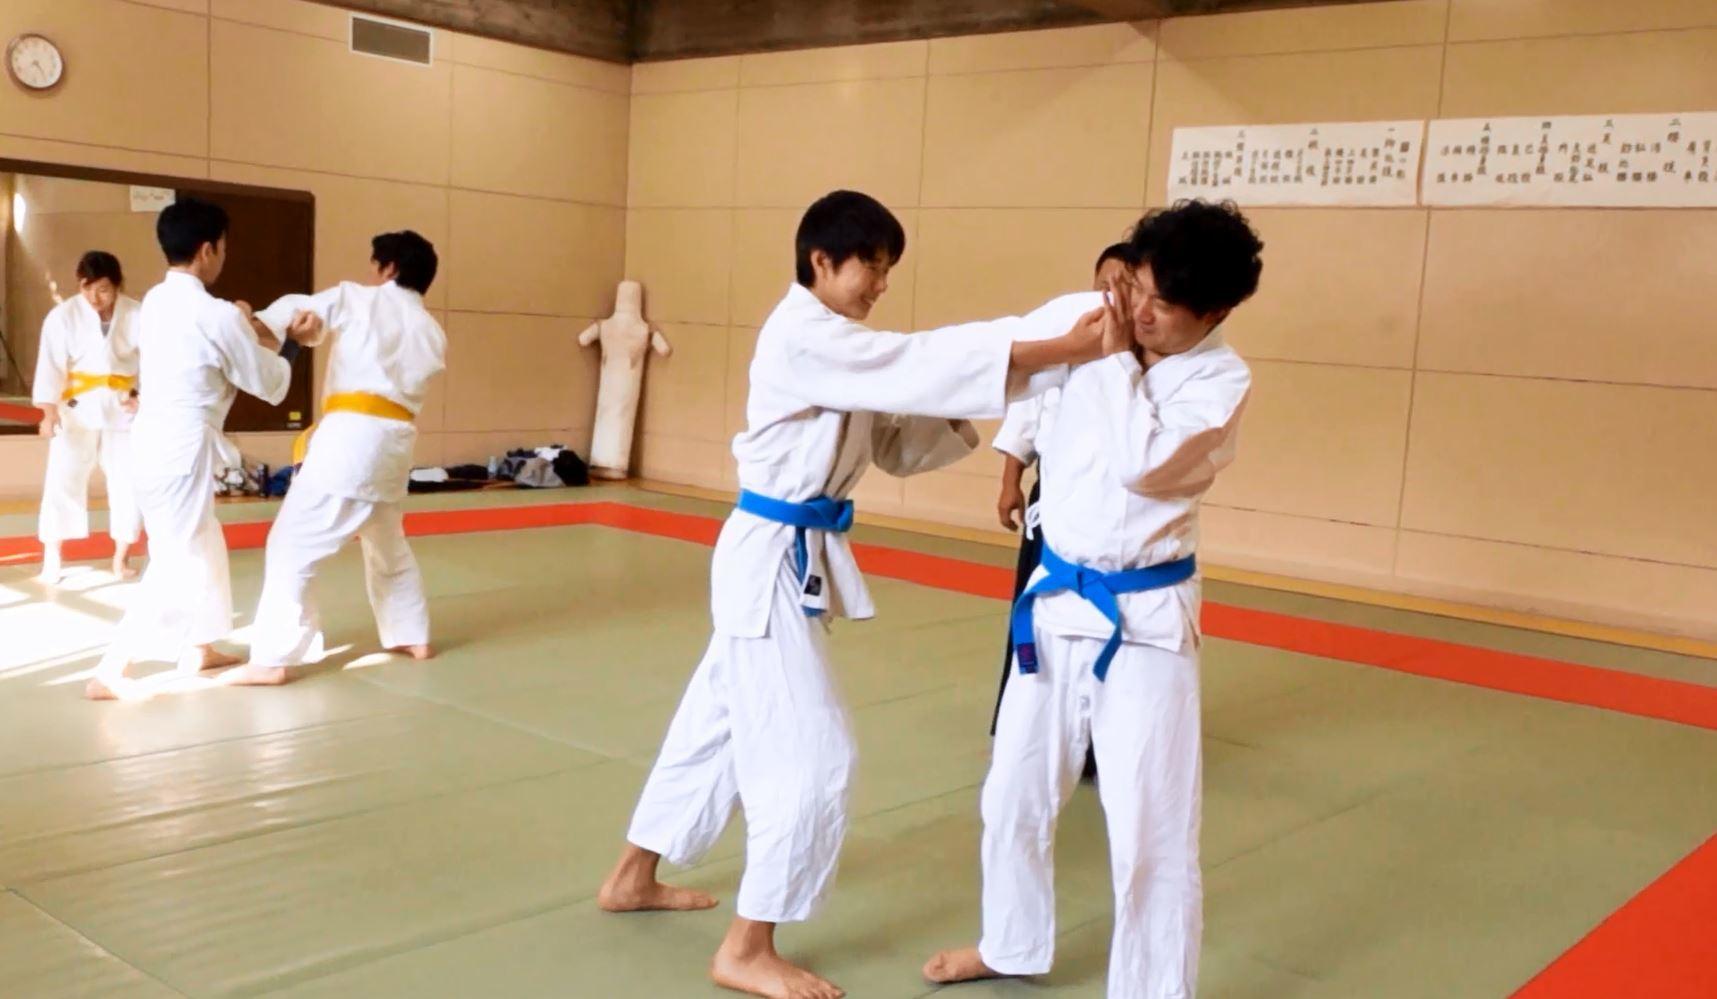 肘を制する(逆腕捕)1